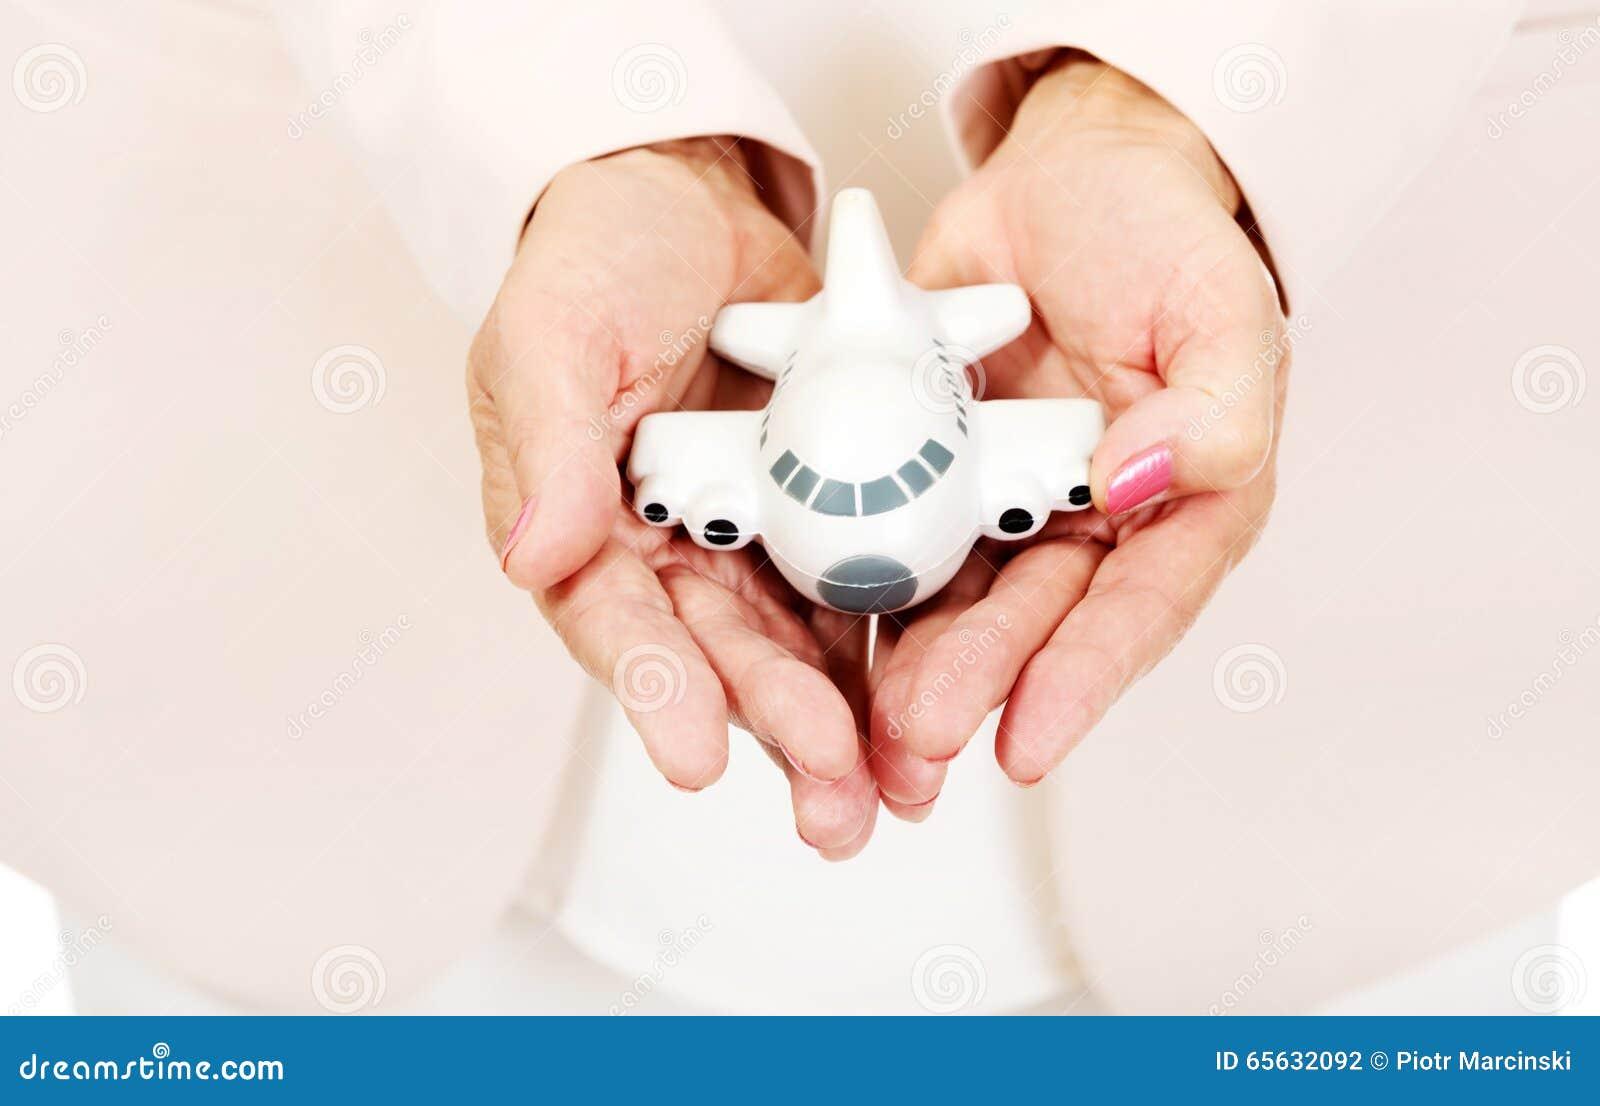 Femme agée tenant un avion de jouet sur les plams ouverts